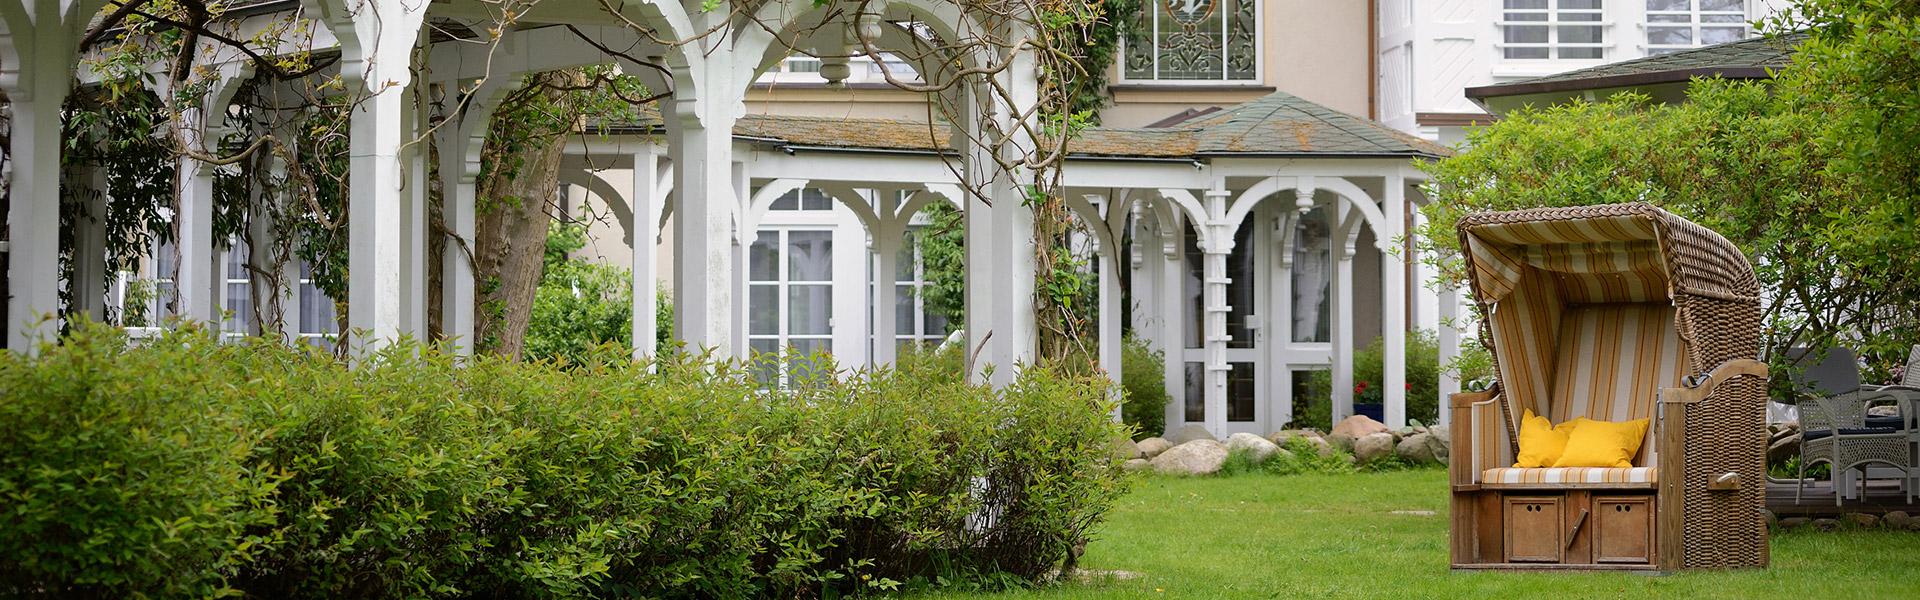 Strandkorb Garten Granitz Pr Office Bettina Hager Teichmann